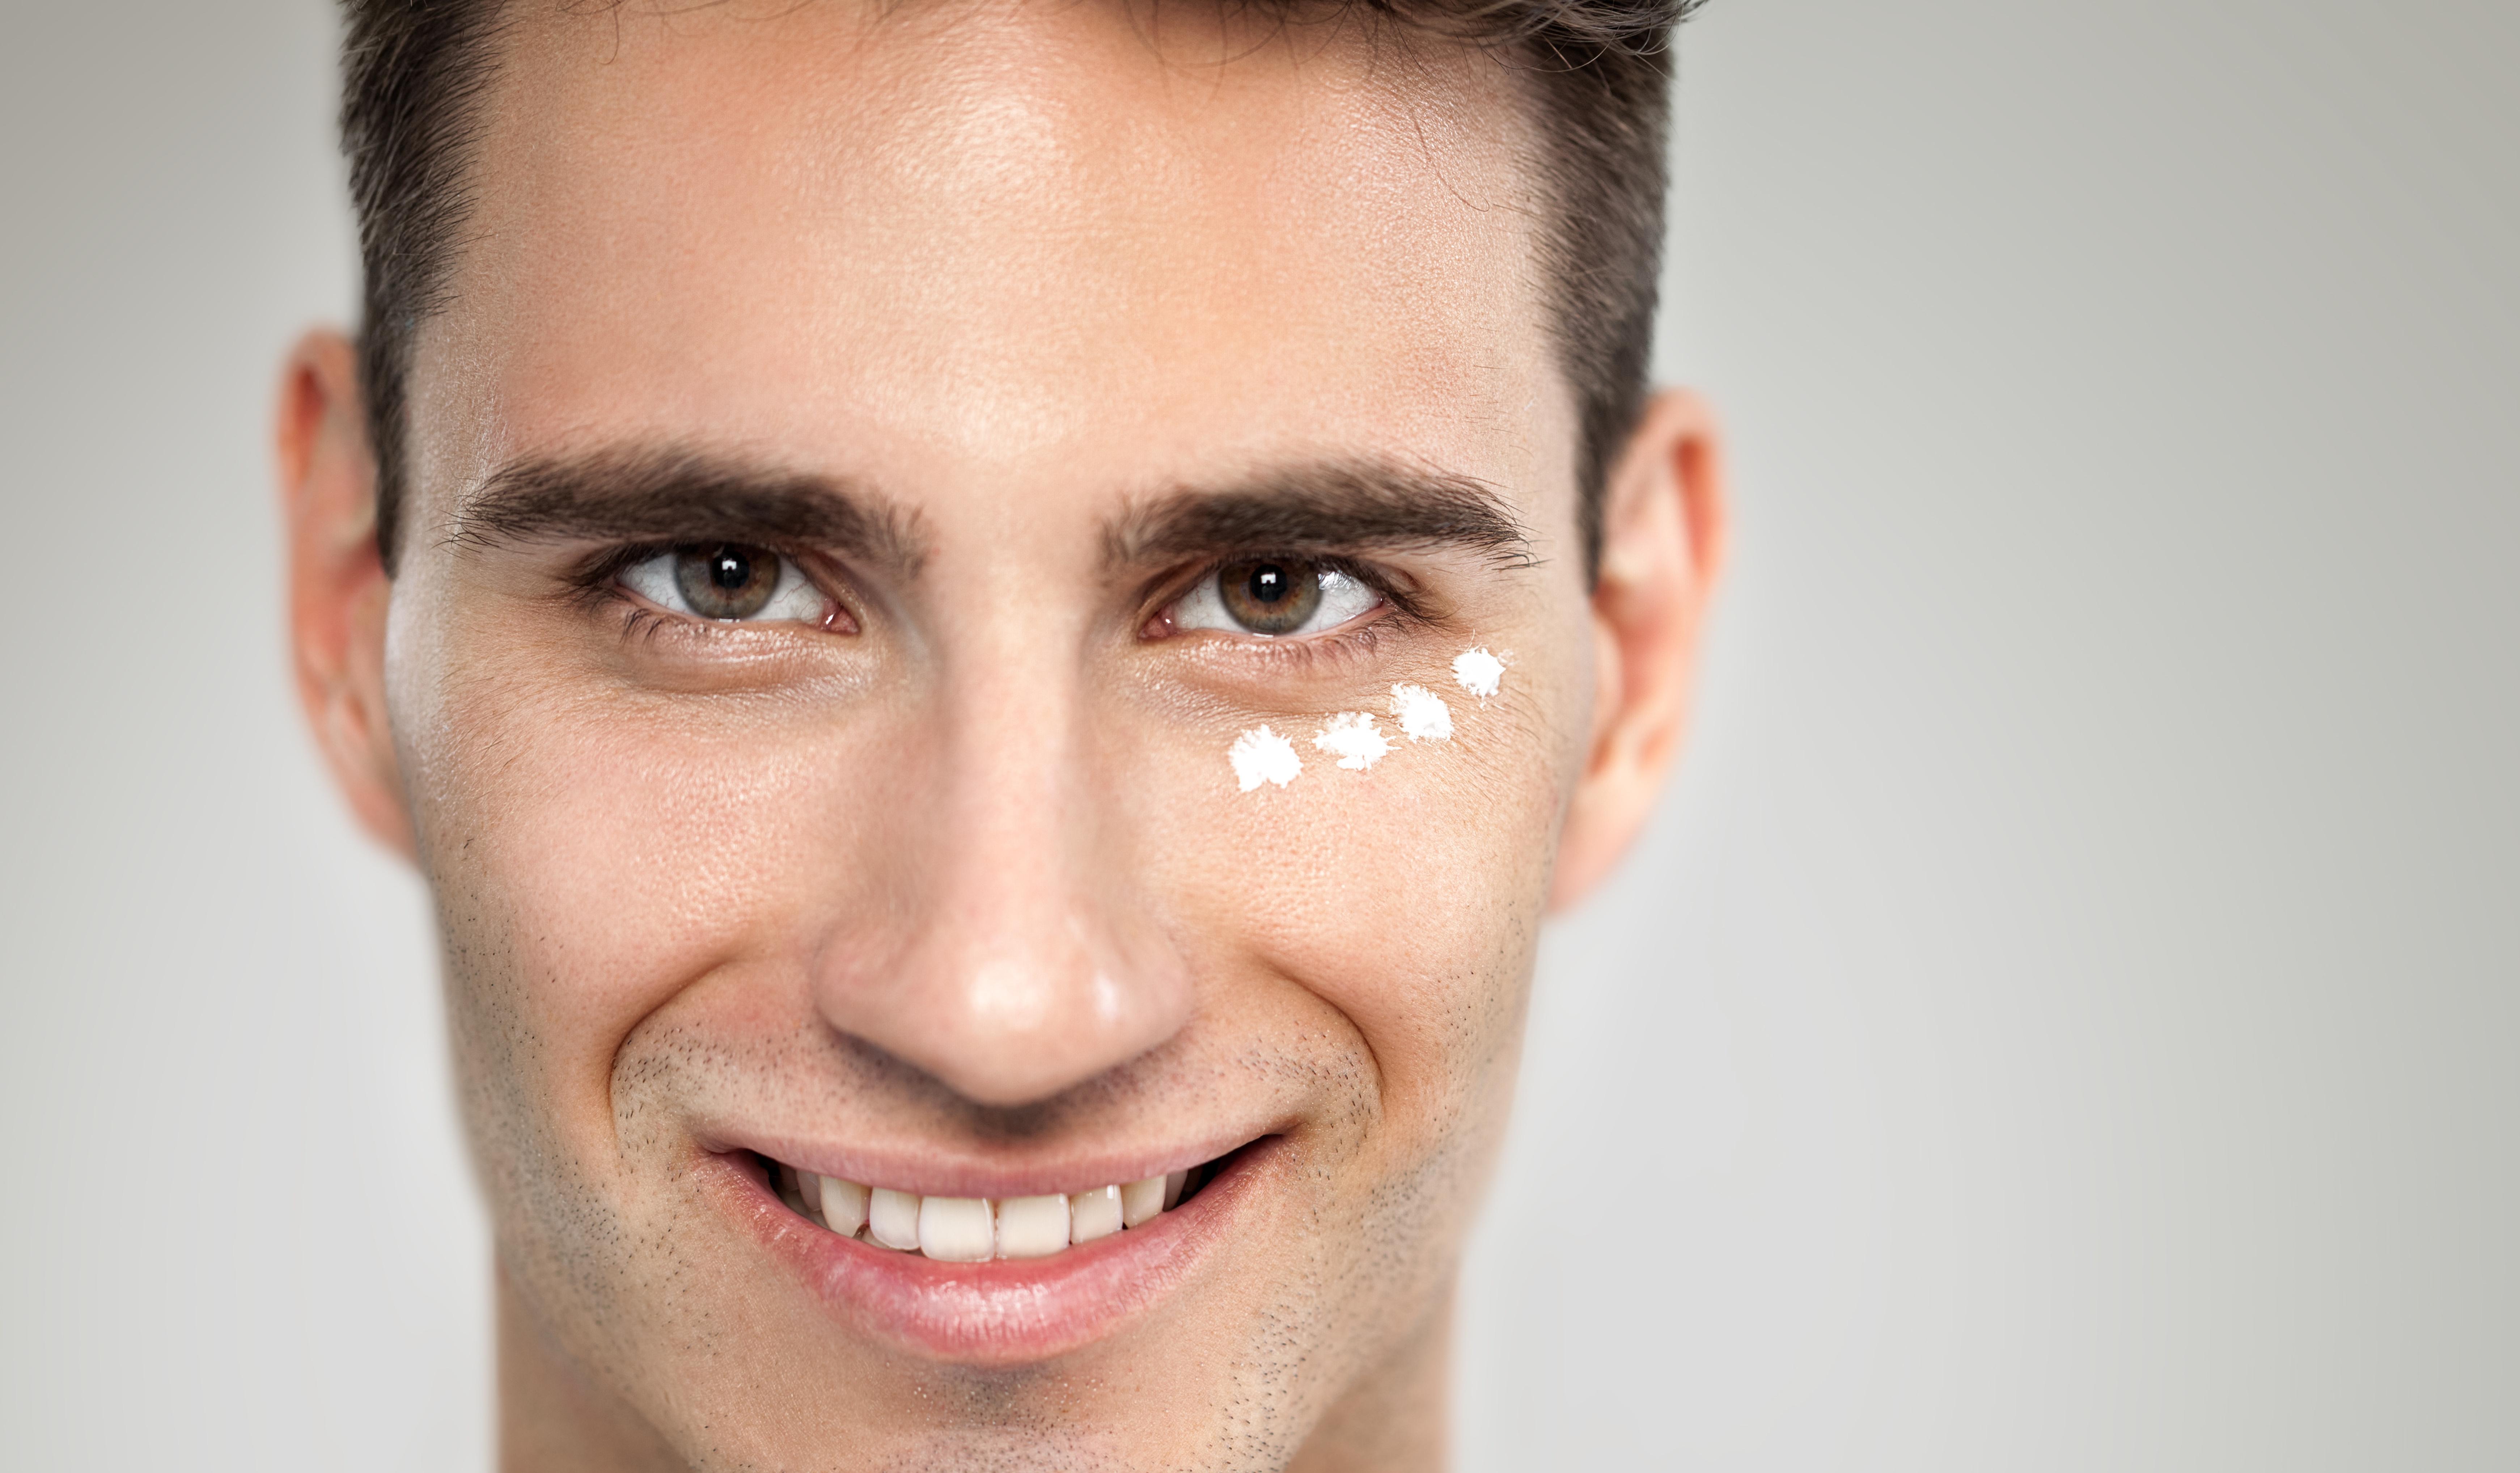 Miglior crema viso uomo 2020: Guida all'acquisto